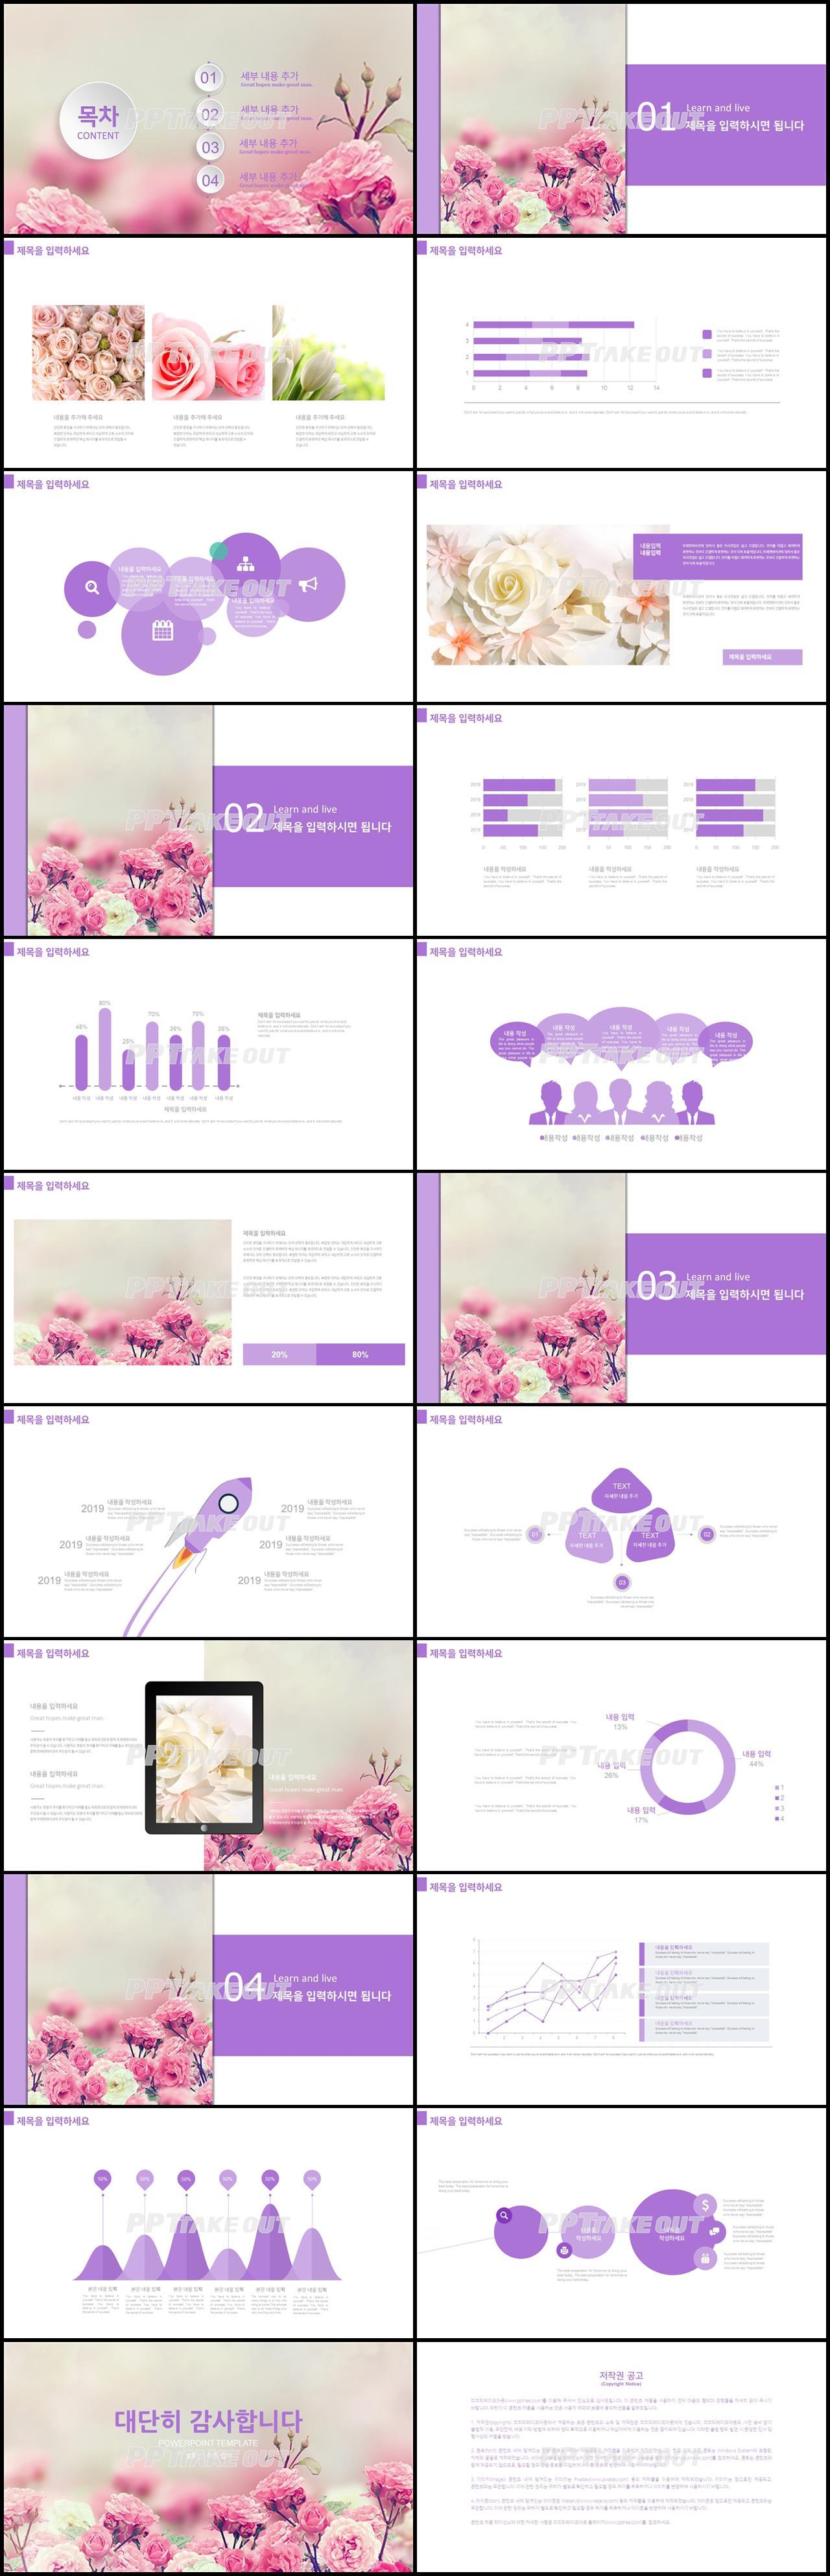 꽃과 동식물 주제 핑크색 단아한 고급형 피피티탬플릿 디자인 상세보기